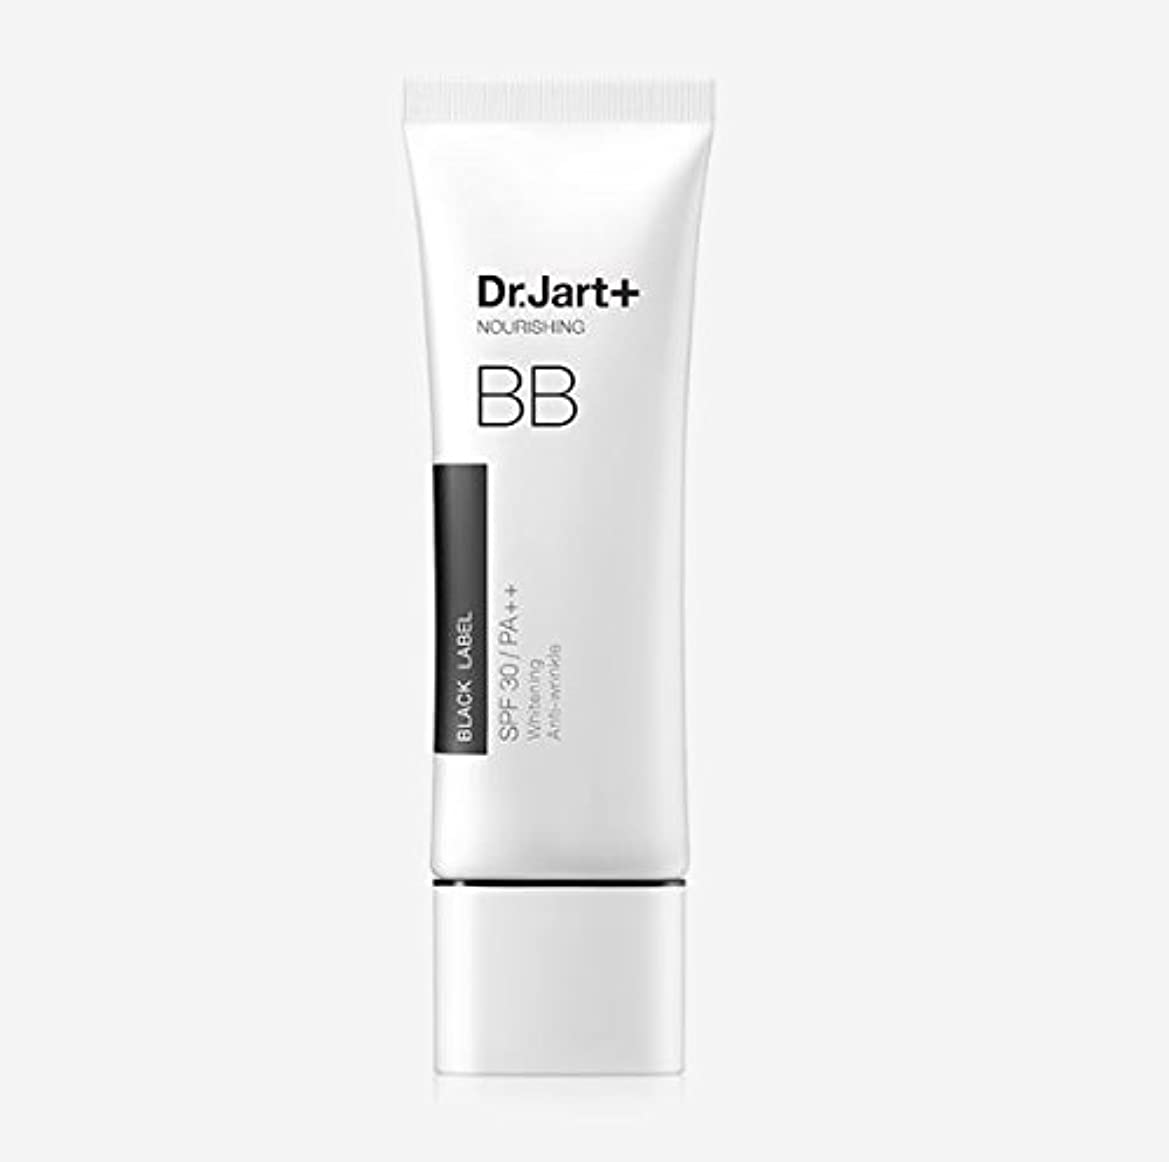 今まで一致偏見[Dr. Jart] Black Label BB Nourishing Beauty Balm 50ml SPF30 PA++/[ドクタージャルト] ブラックラベル BB ナリーシン ビューティー バーム 50ml SPF30 PA++ [並行輸入品]